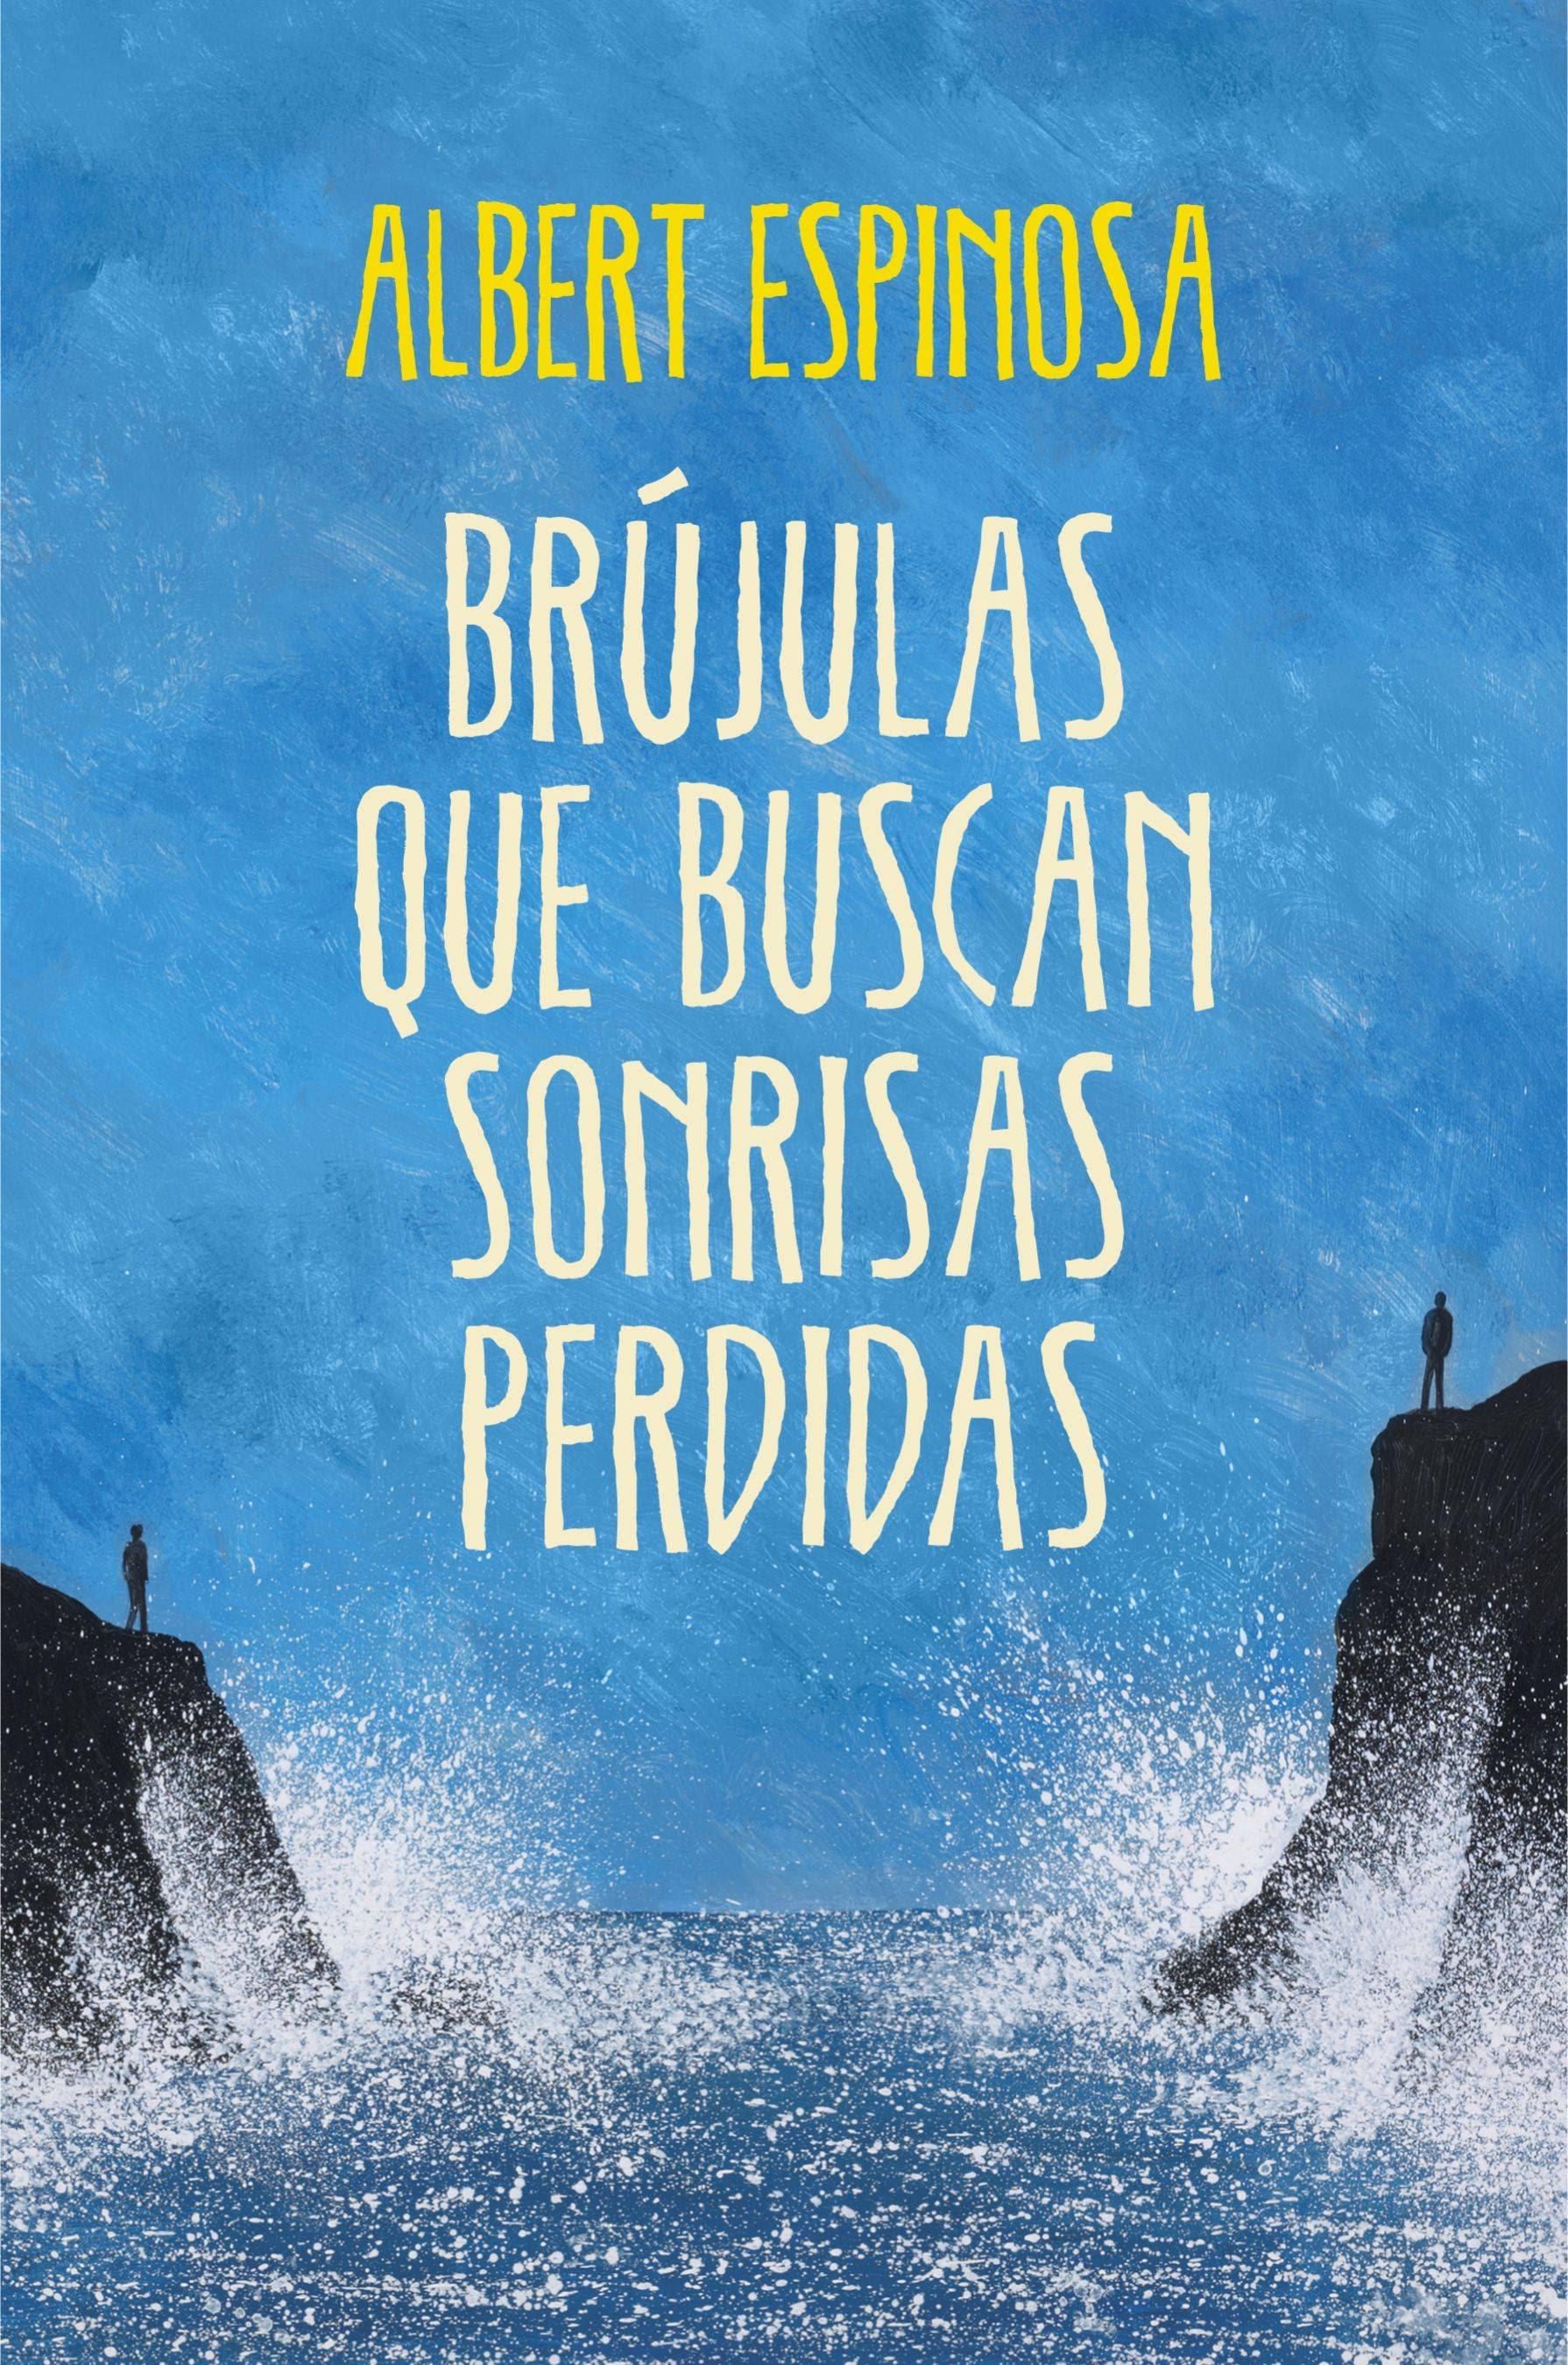 http://leyendoycatando.blogspot.com.es/2013/04/brujulas-que-buscan-sonrisas-perdidas.html